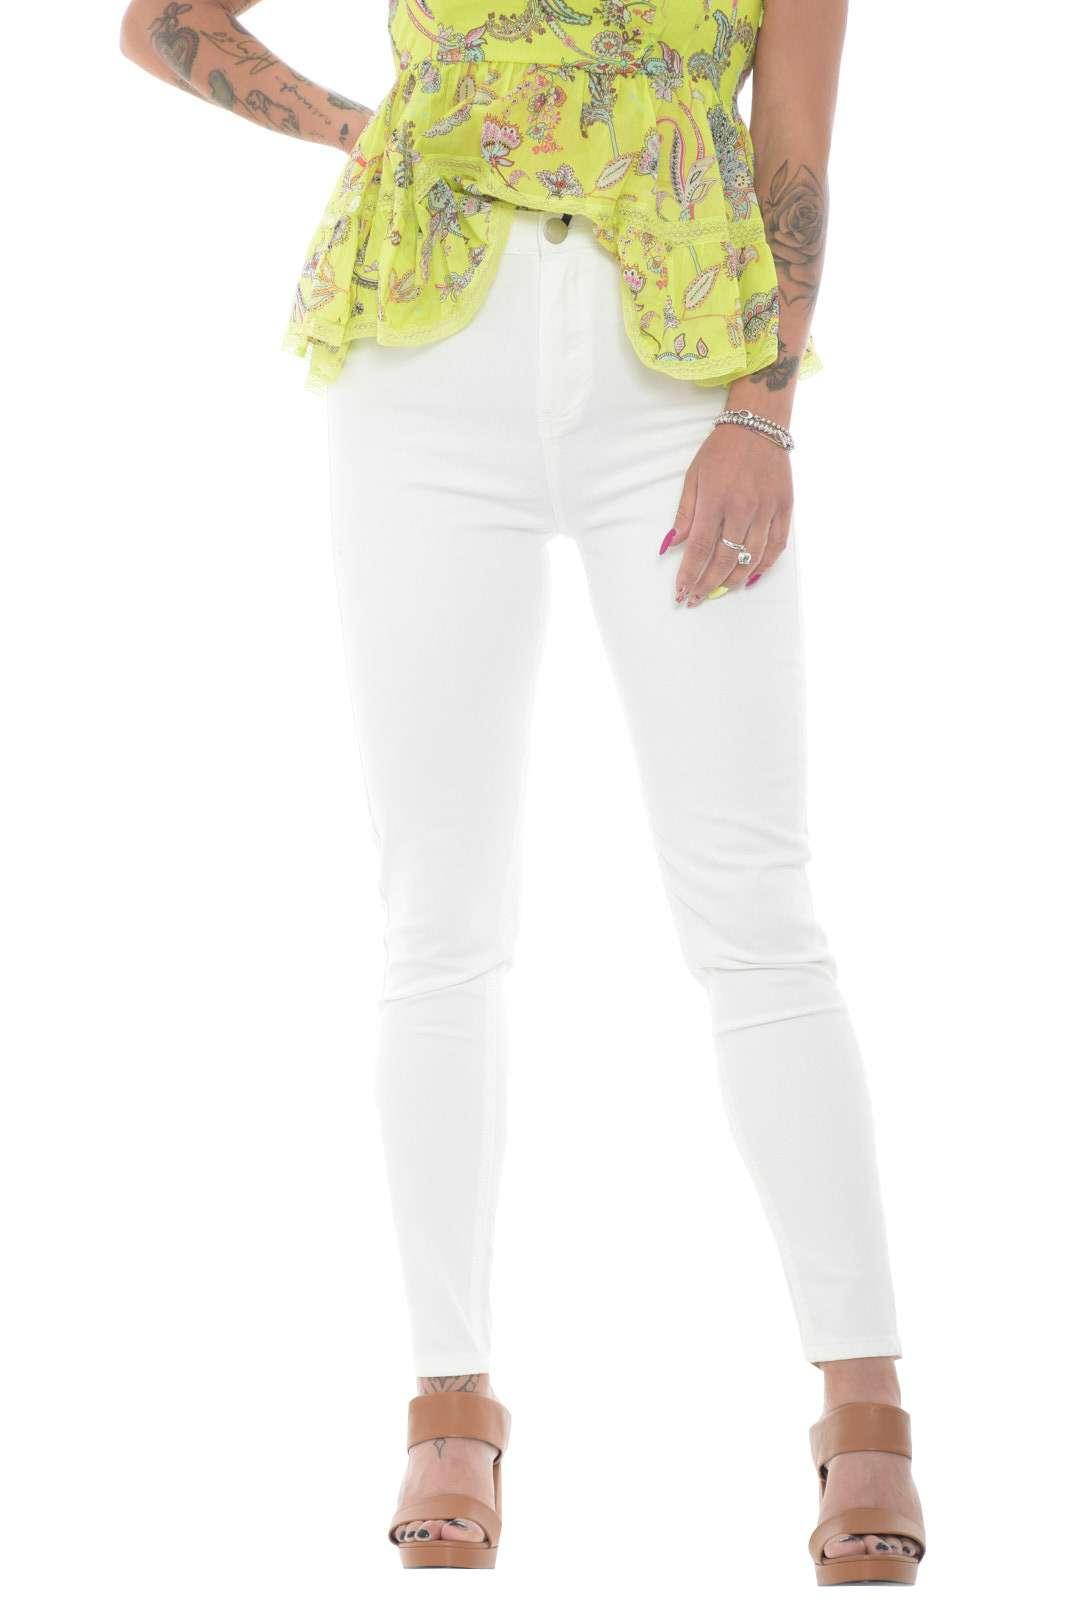 Un jeans dal look quotidiano, casual e pratico, firmato Glamorous. Perfetto per la tua routine, garantirà stile con ogni abbinamento, grazie anche alla vestibilità skinny, che aggiunge un tocco moderno e attuale.